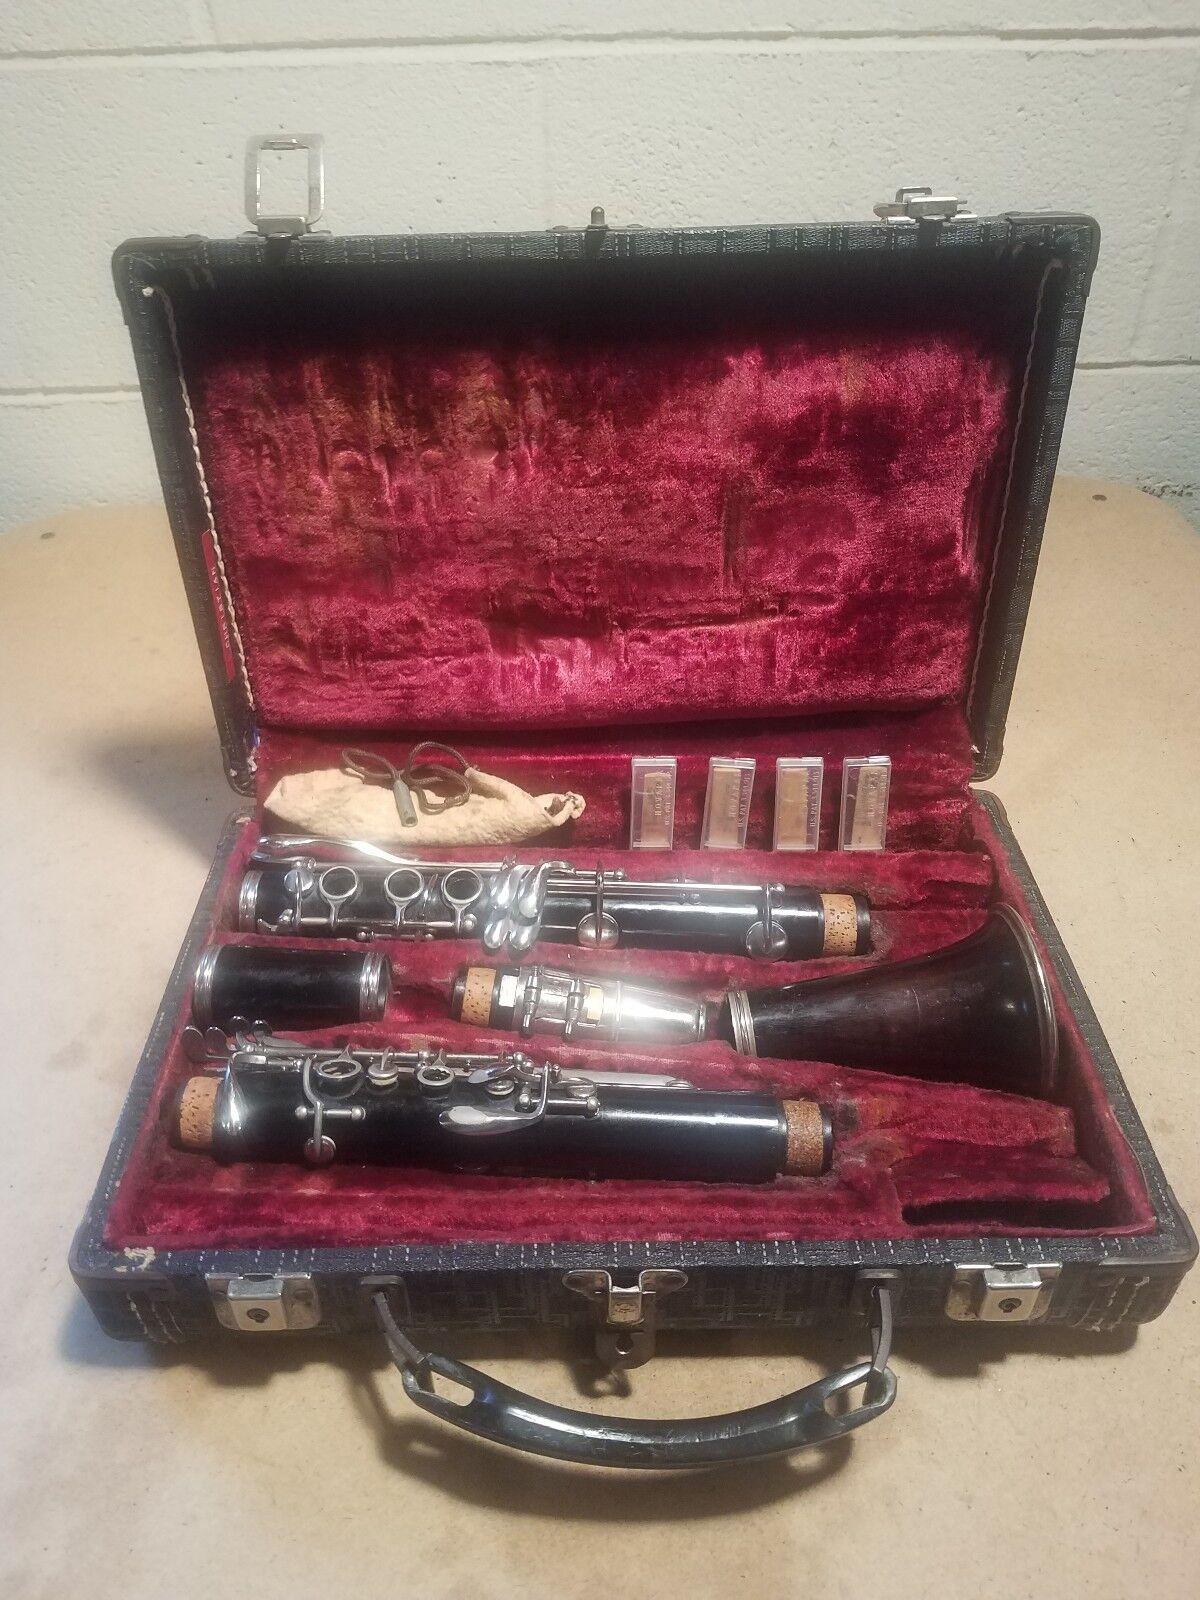 Vintage Musical Instrument  Clarinet  Attic Find